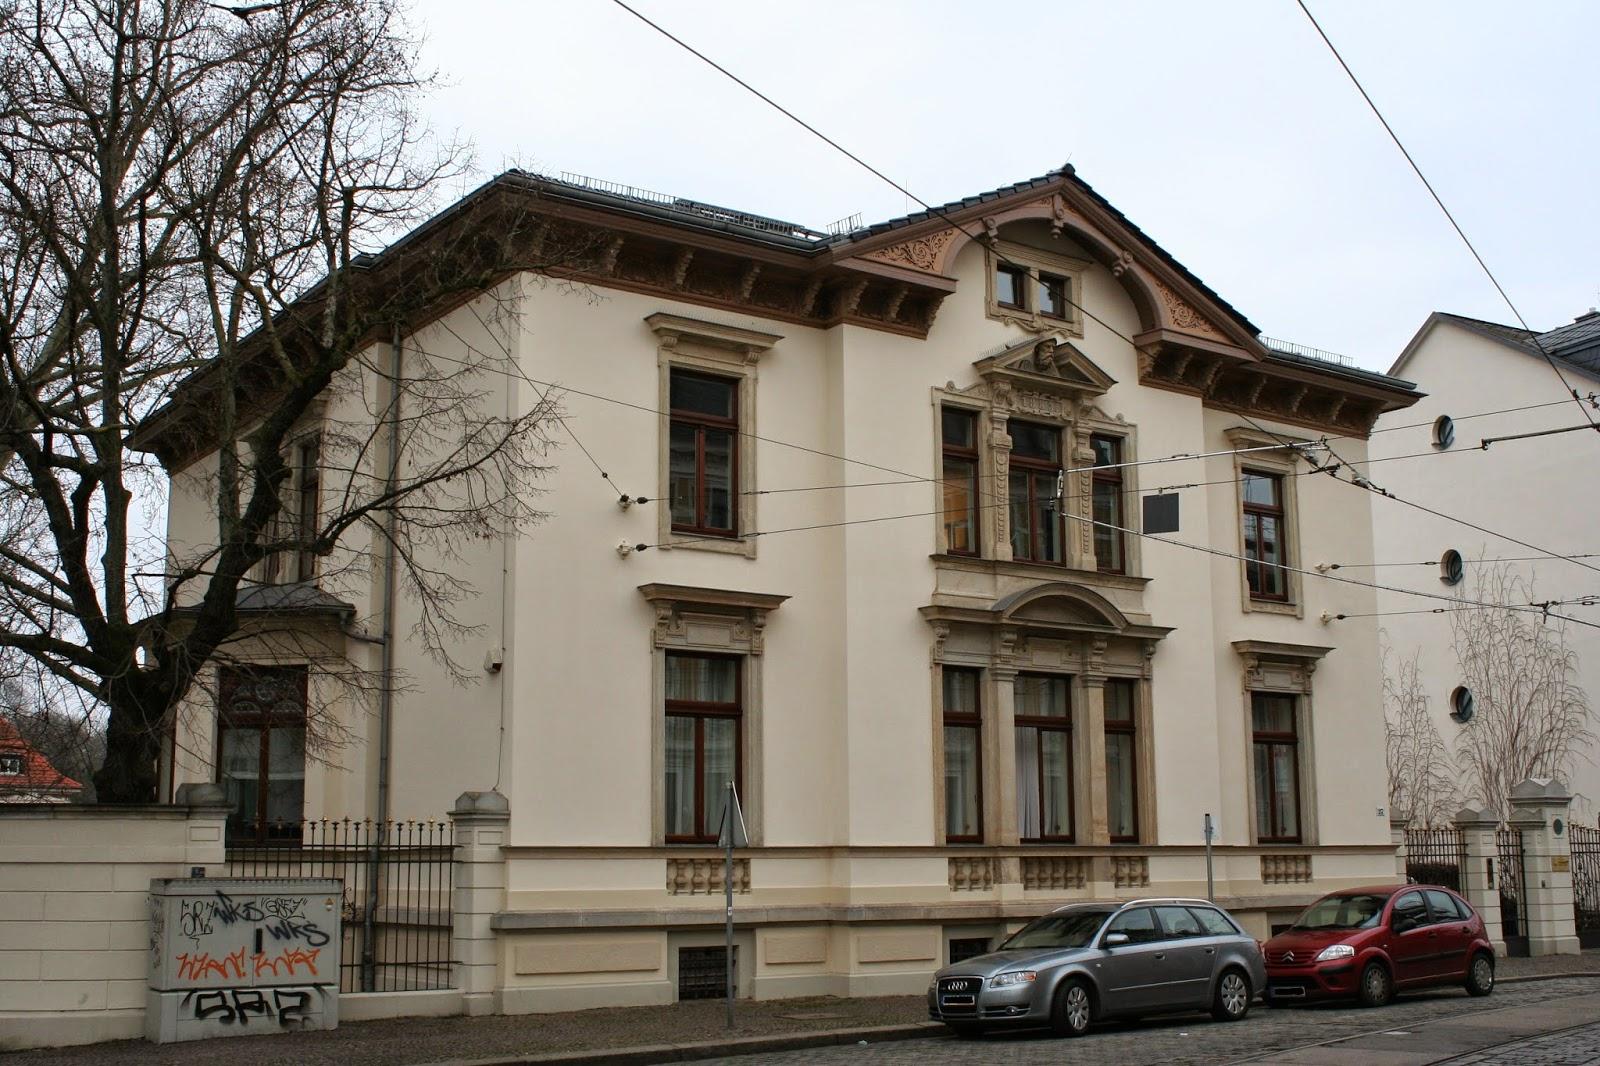 """Die """"Villa Ida"""" befindet sich in der Gohliser Menckestraße - die Villa wurde 1883 für den Buchdruckereibesitzer Otto Fischer erbaut"""